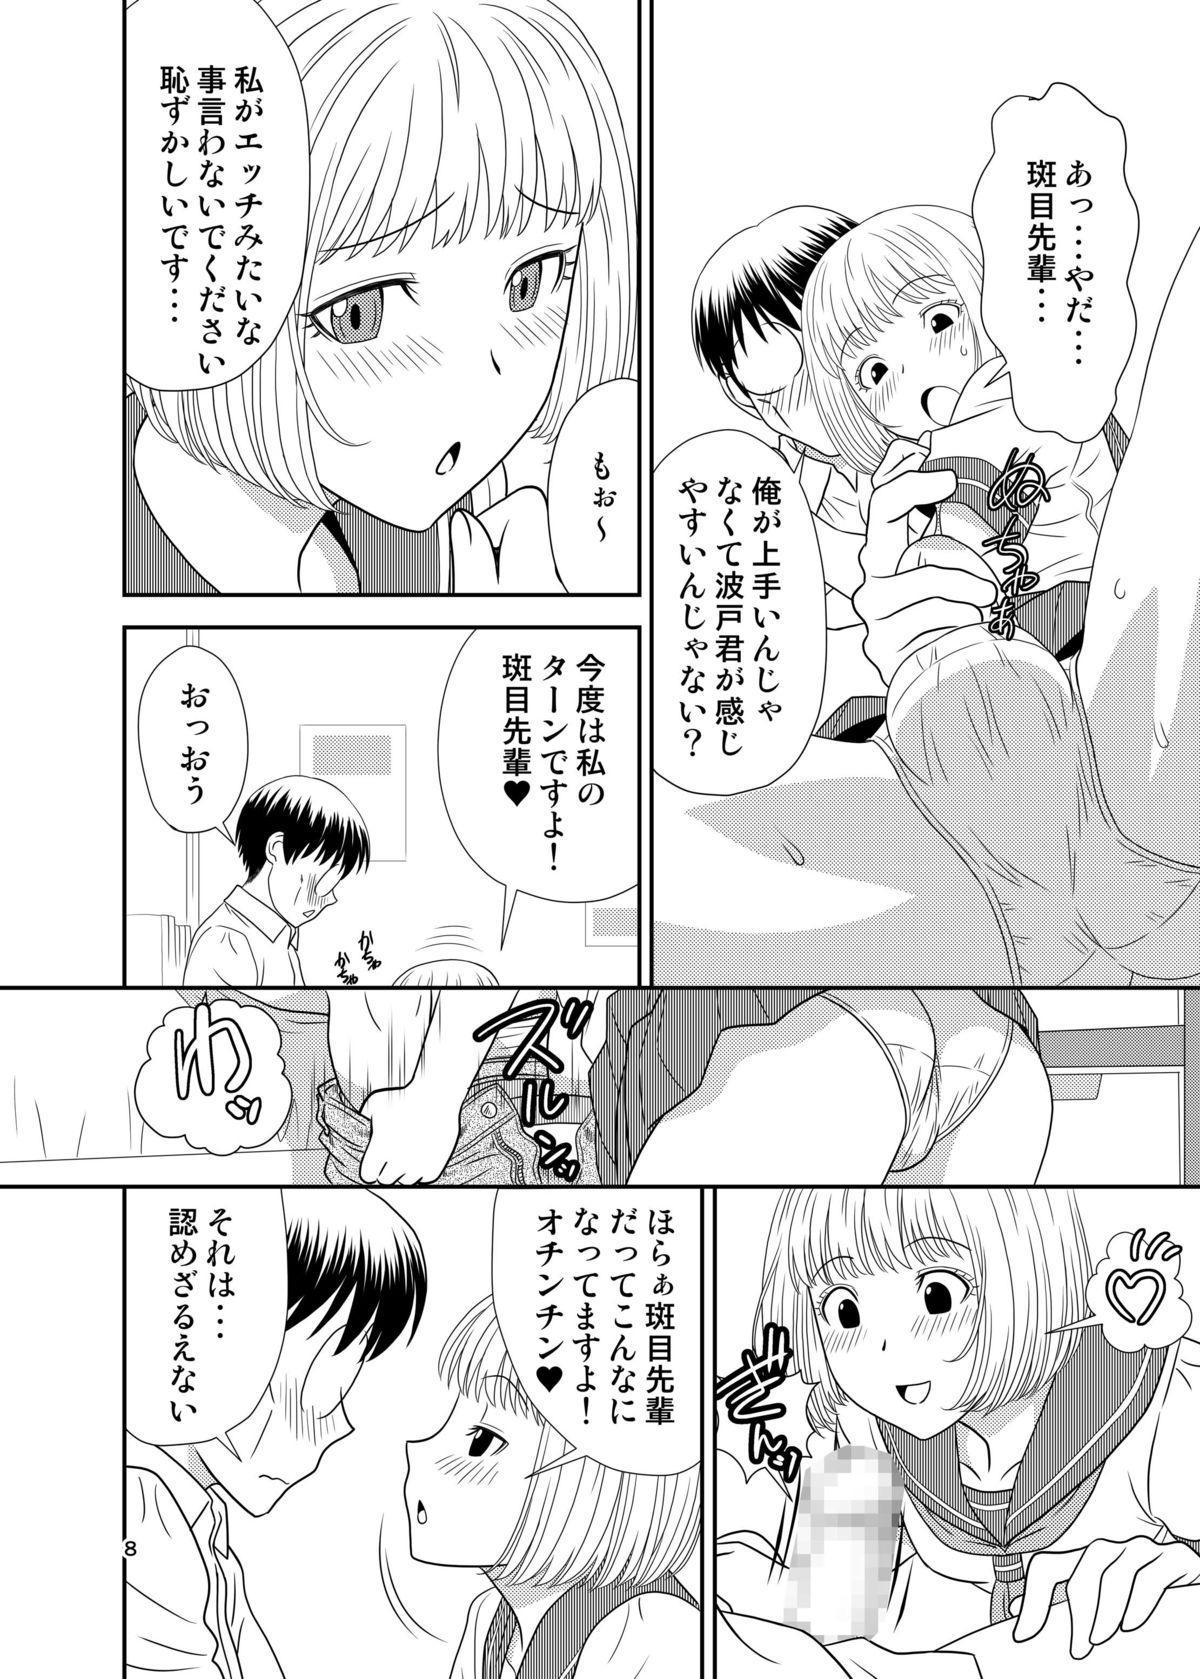 Genshiken no Hon 6